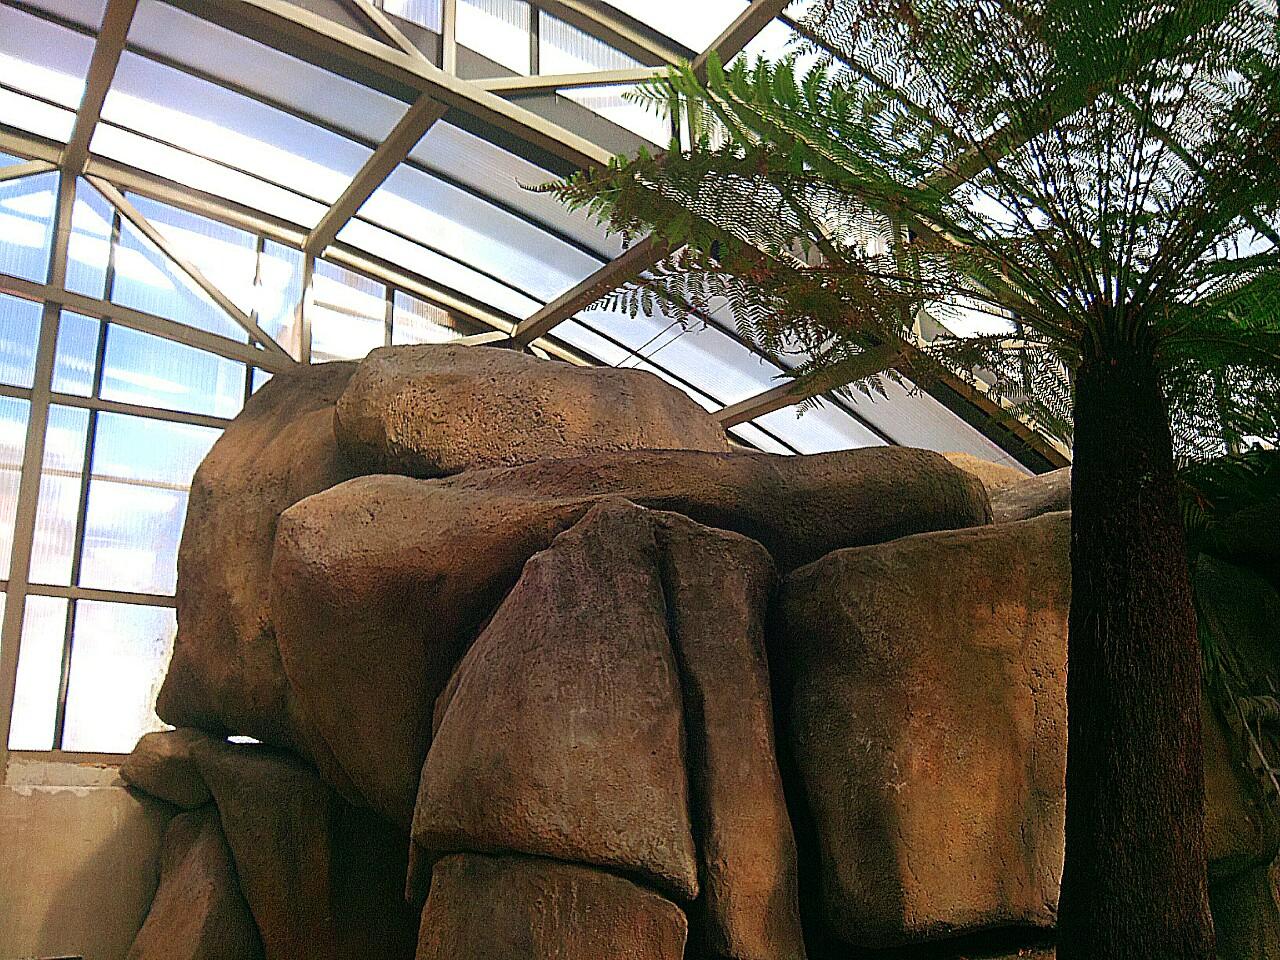 Валуны из искусственного камня в интерьере